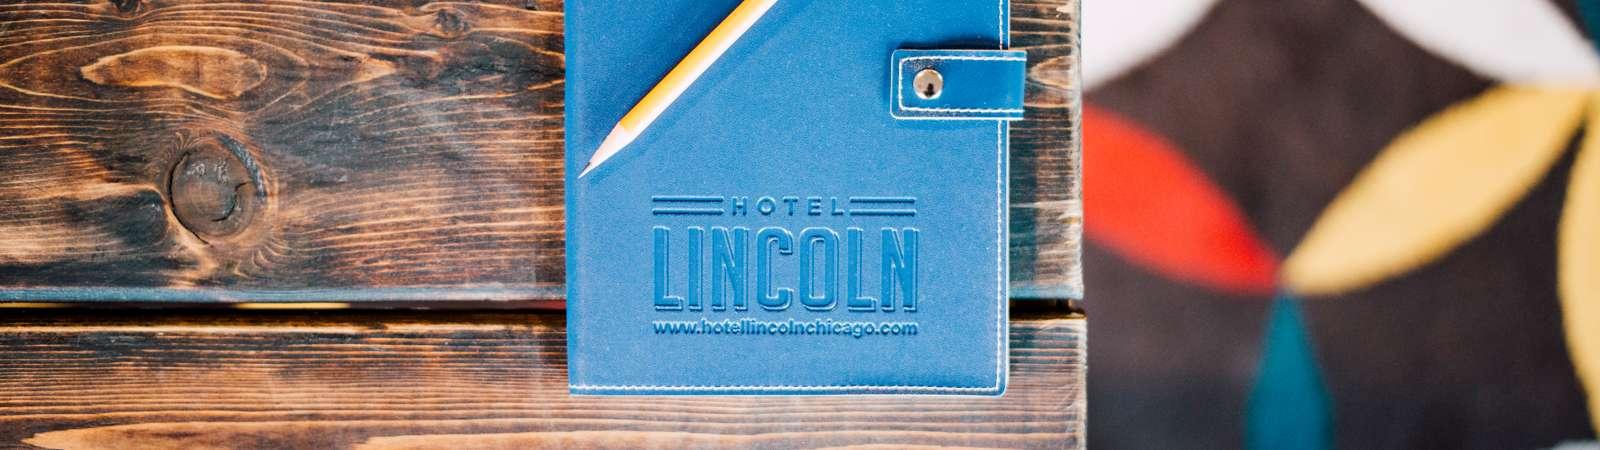 Meeting Notebook Closeup